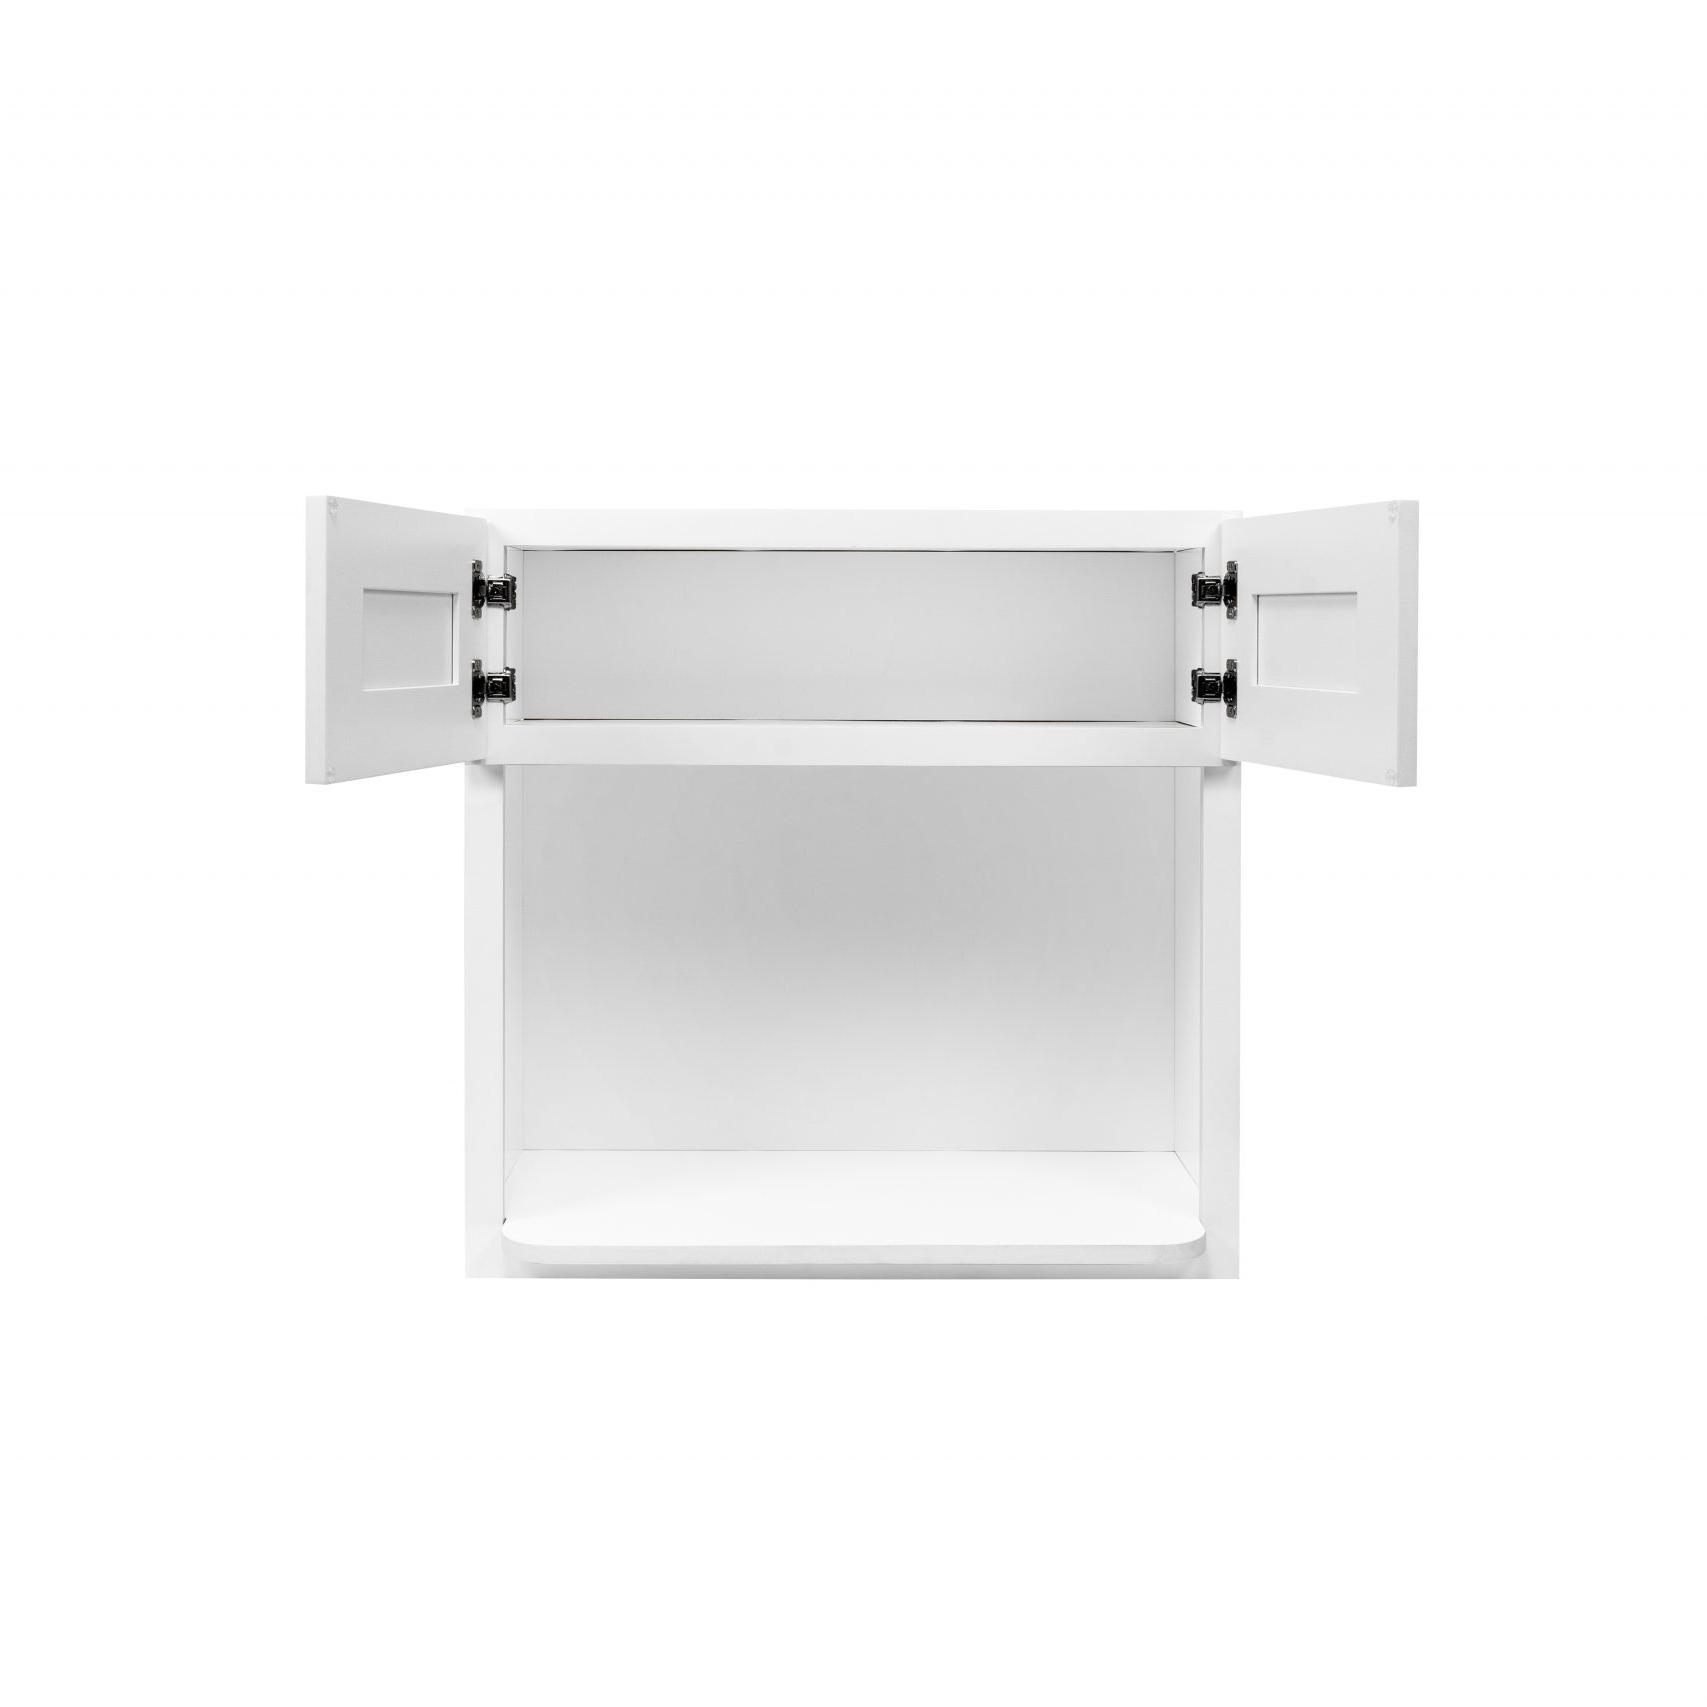 White Shaker Cabinetry WMC3030, WMC3036, WMC3042